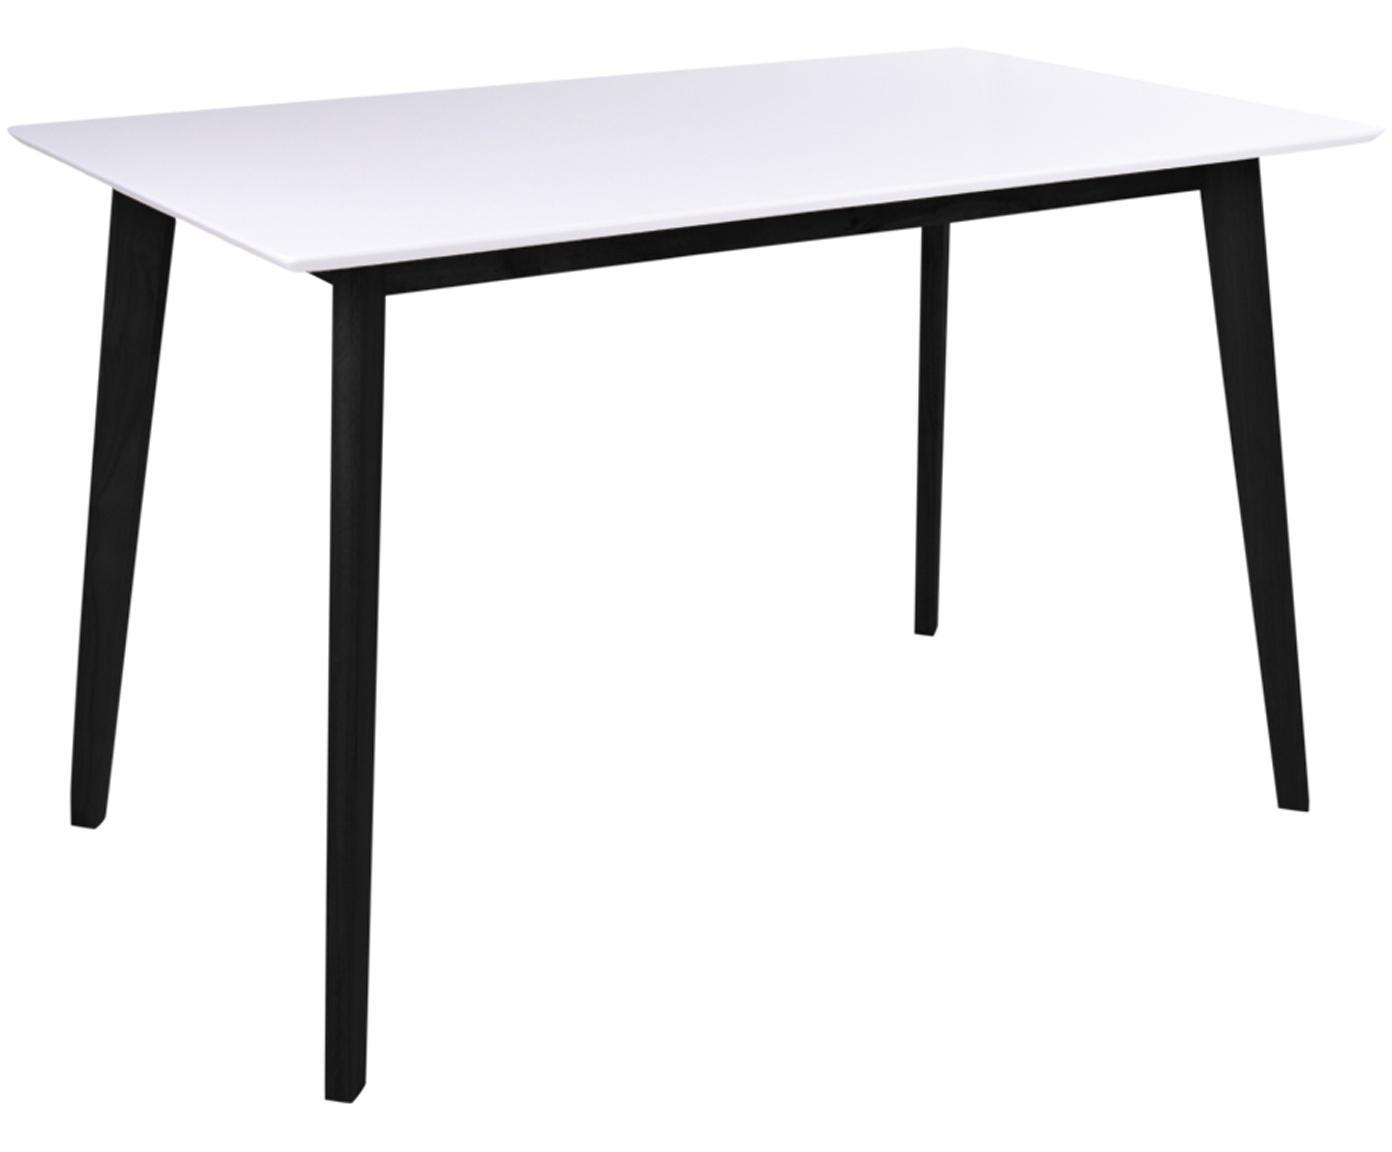 Tavolo con piano bianco Vojens, Piano d'appoggio: pannello di fibra a media, Piedini: legno di caucciù, Bianco, nero, Larg. 120 x Prof. 70 cm